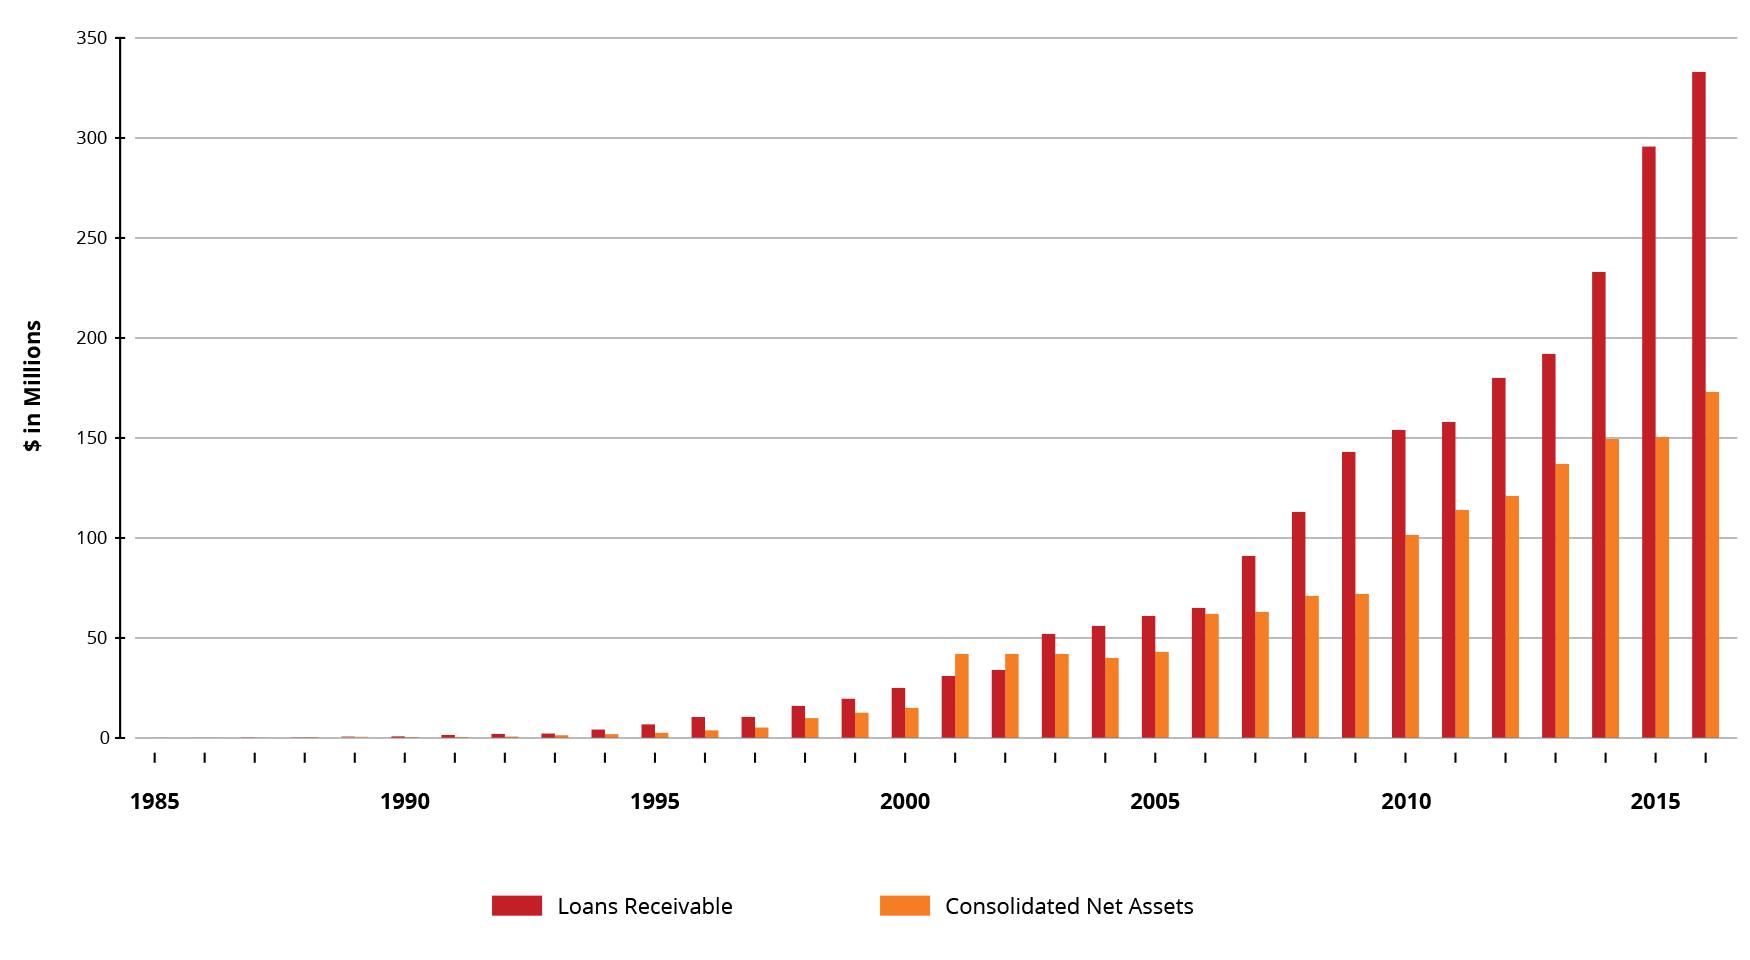 RF2016-Financials-1985-2016